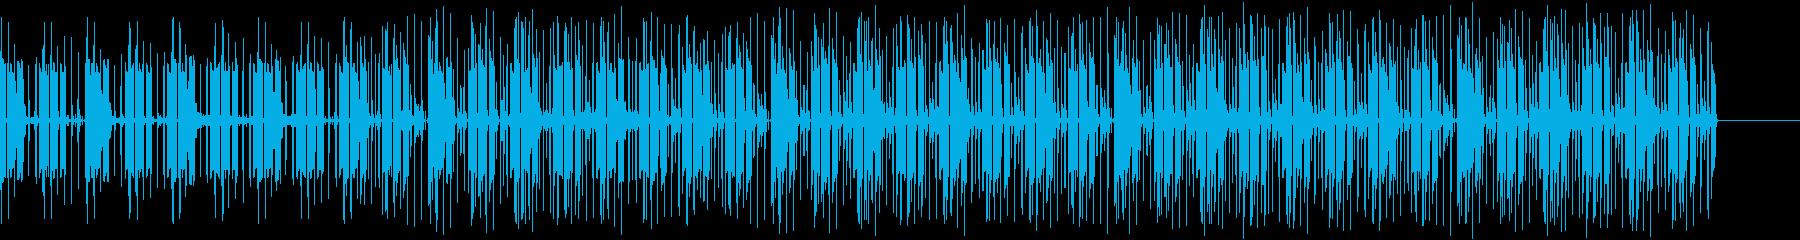 EDM 不思議なリードの曲ですの再生済みの波形